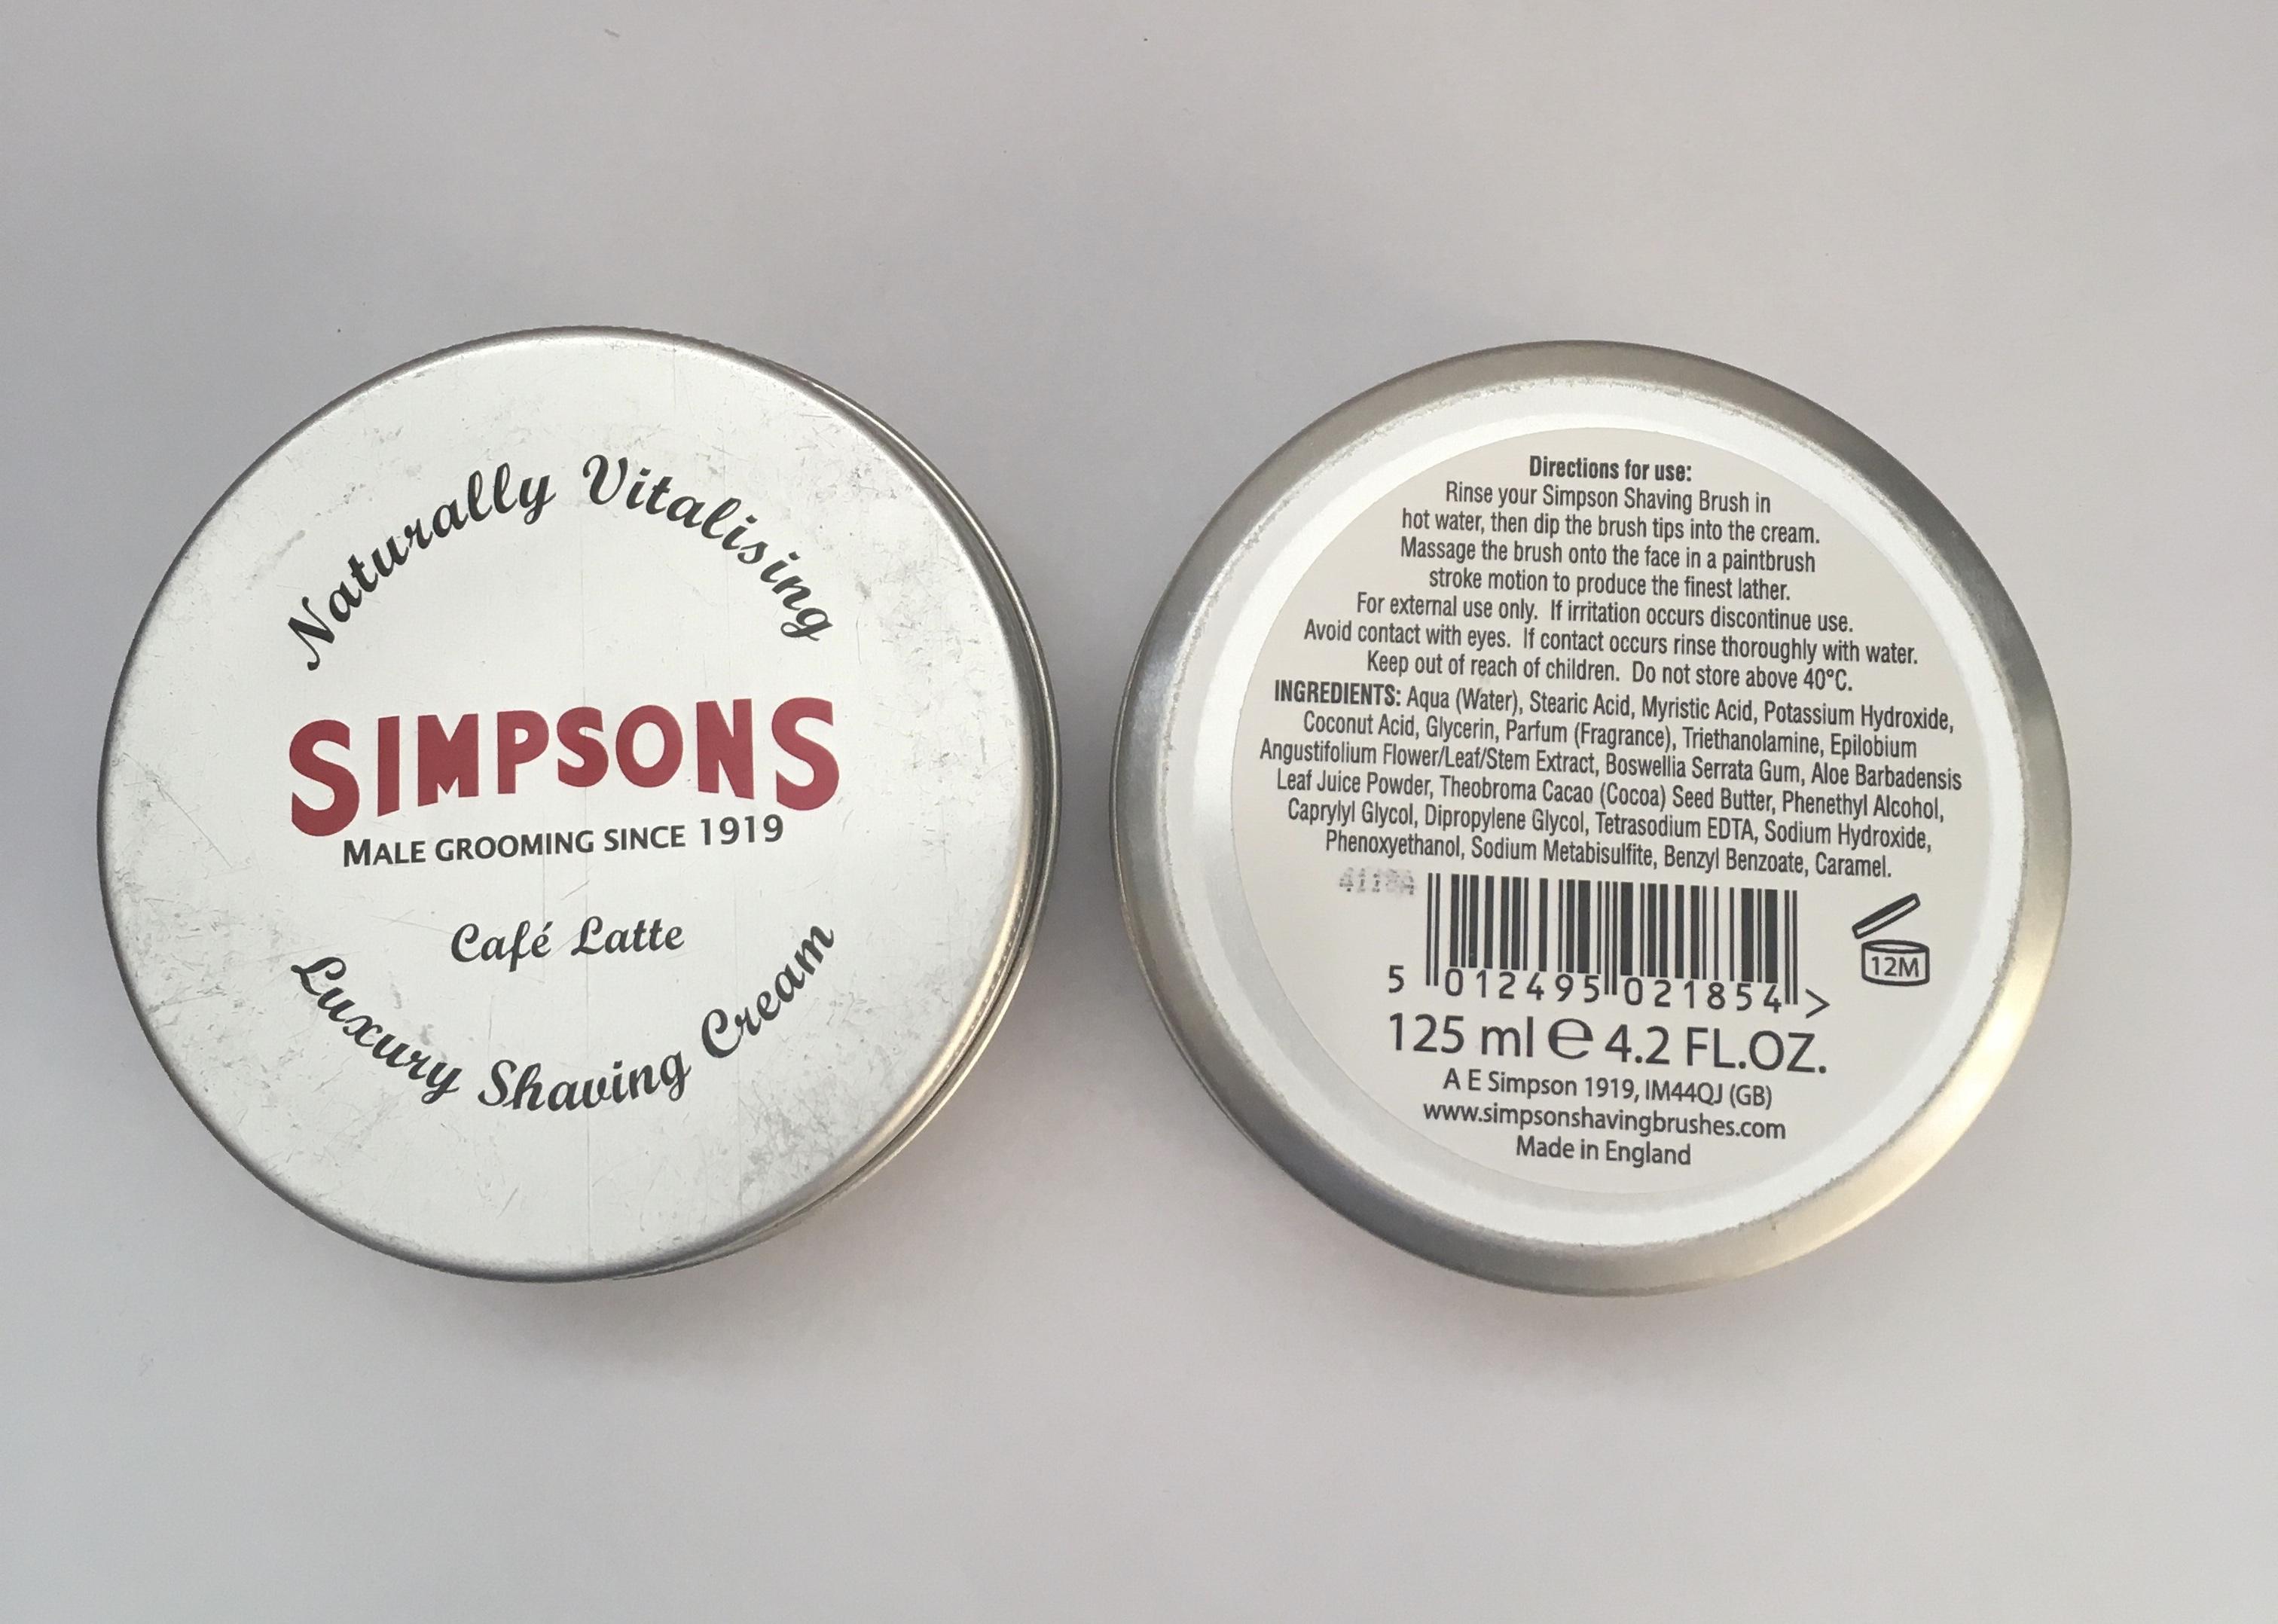 Simpson's Shaving Cream